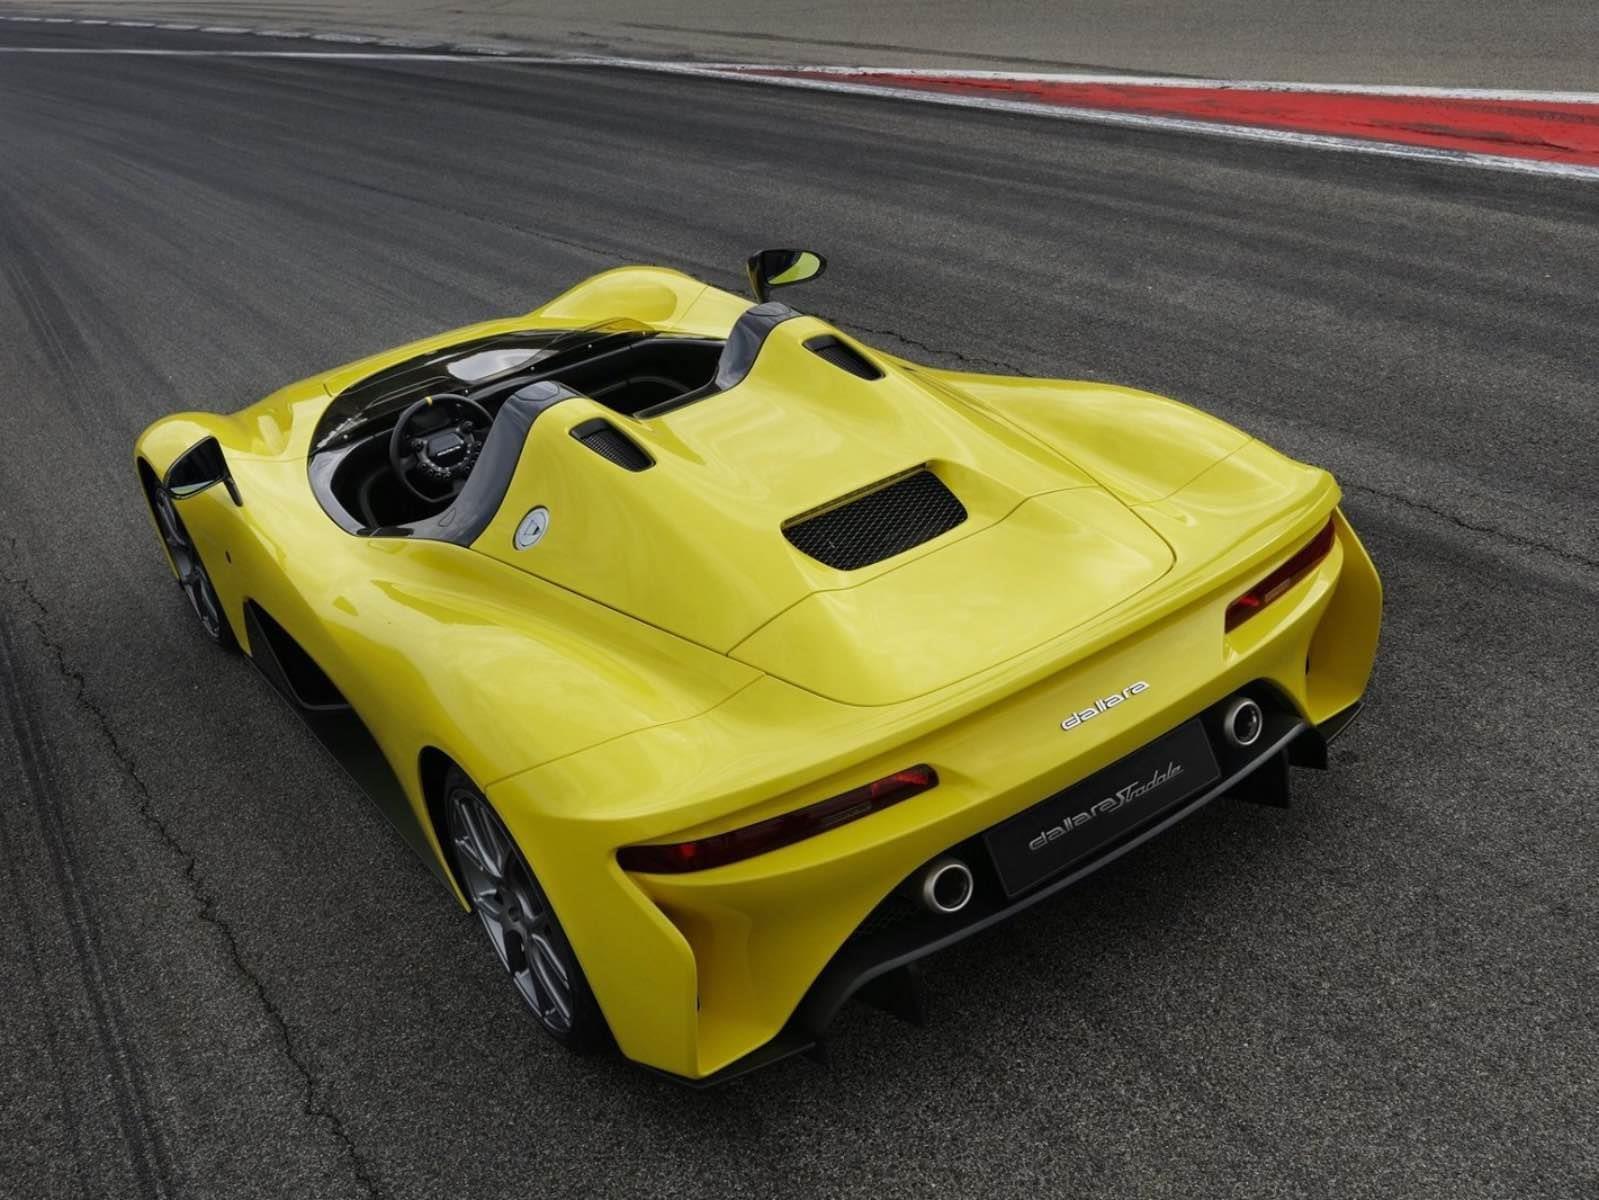 Dallara Stradale 2018 es un deportivo nacido en los circuitos